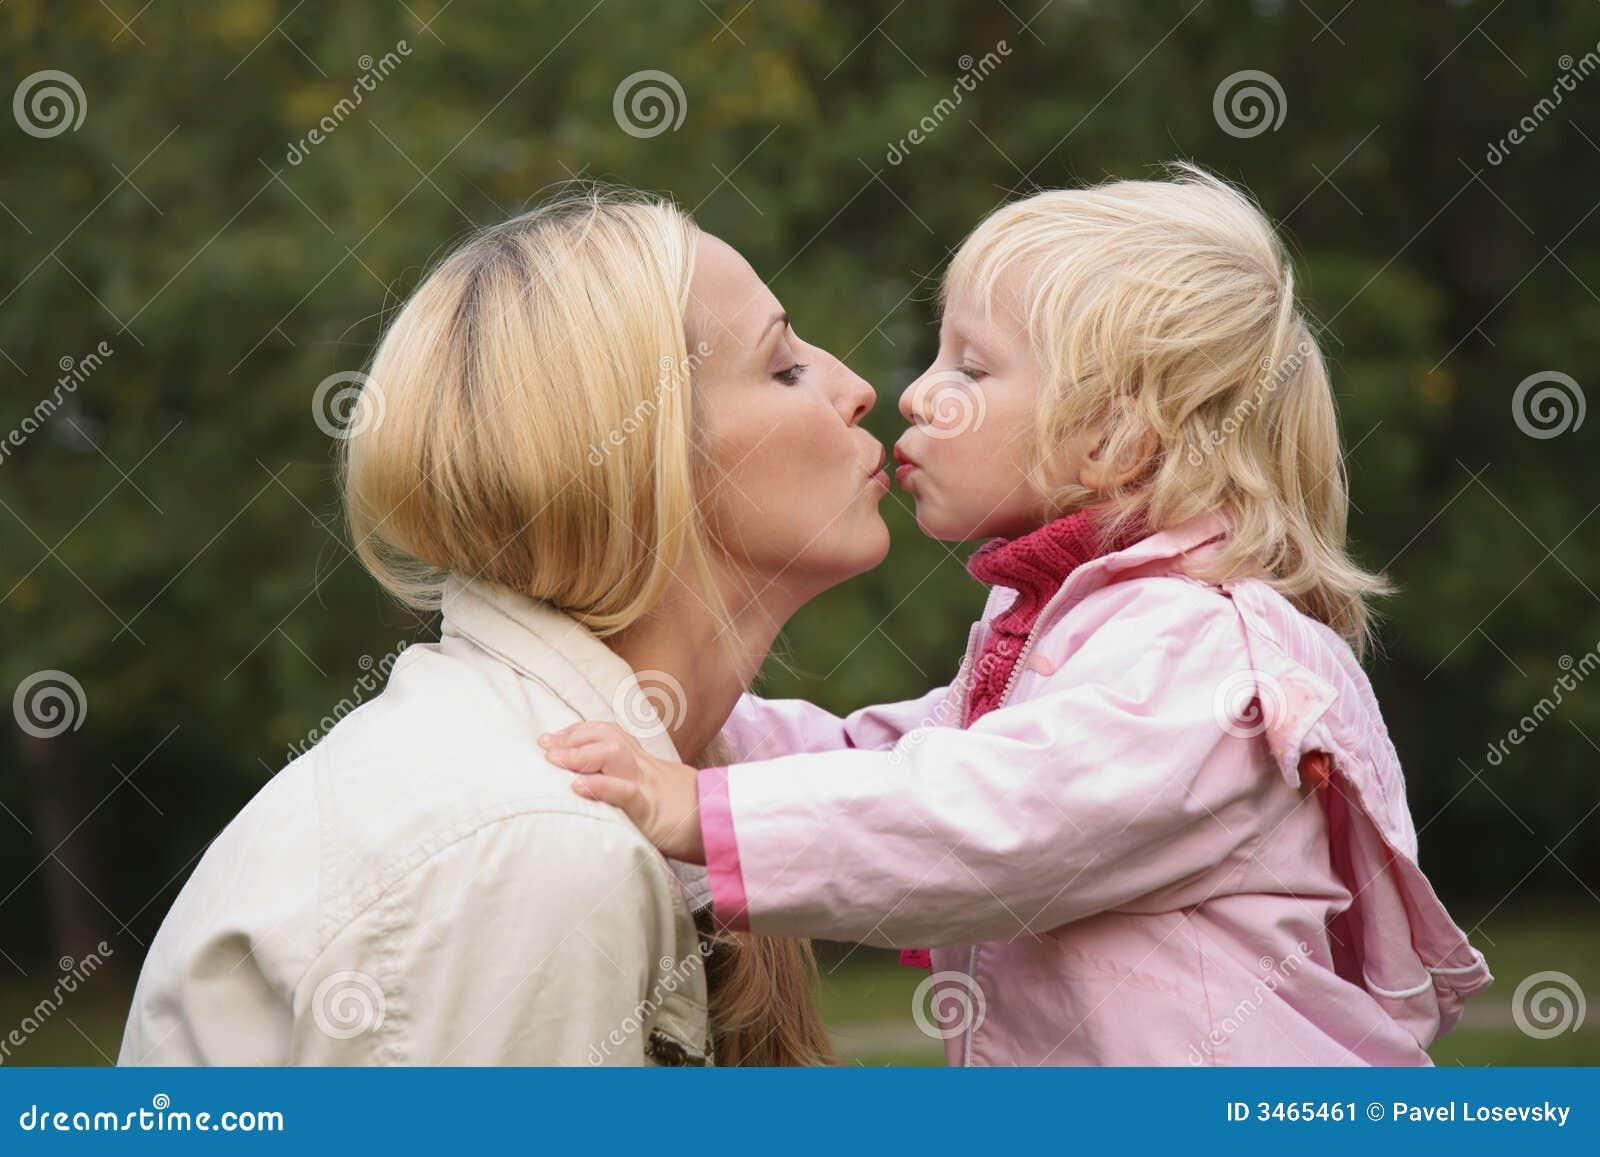 Целуется с дочкой 11 фотография